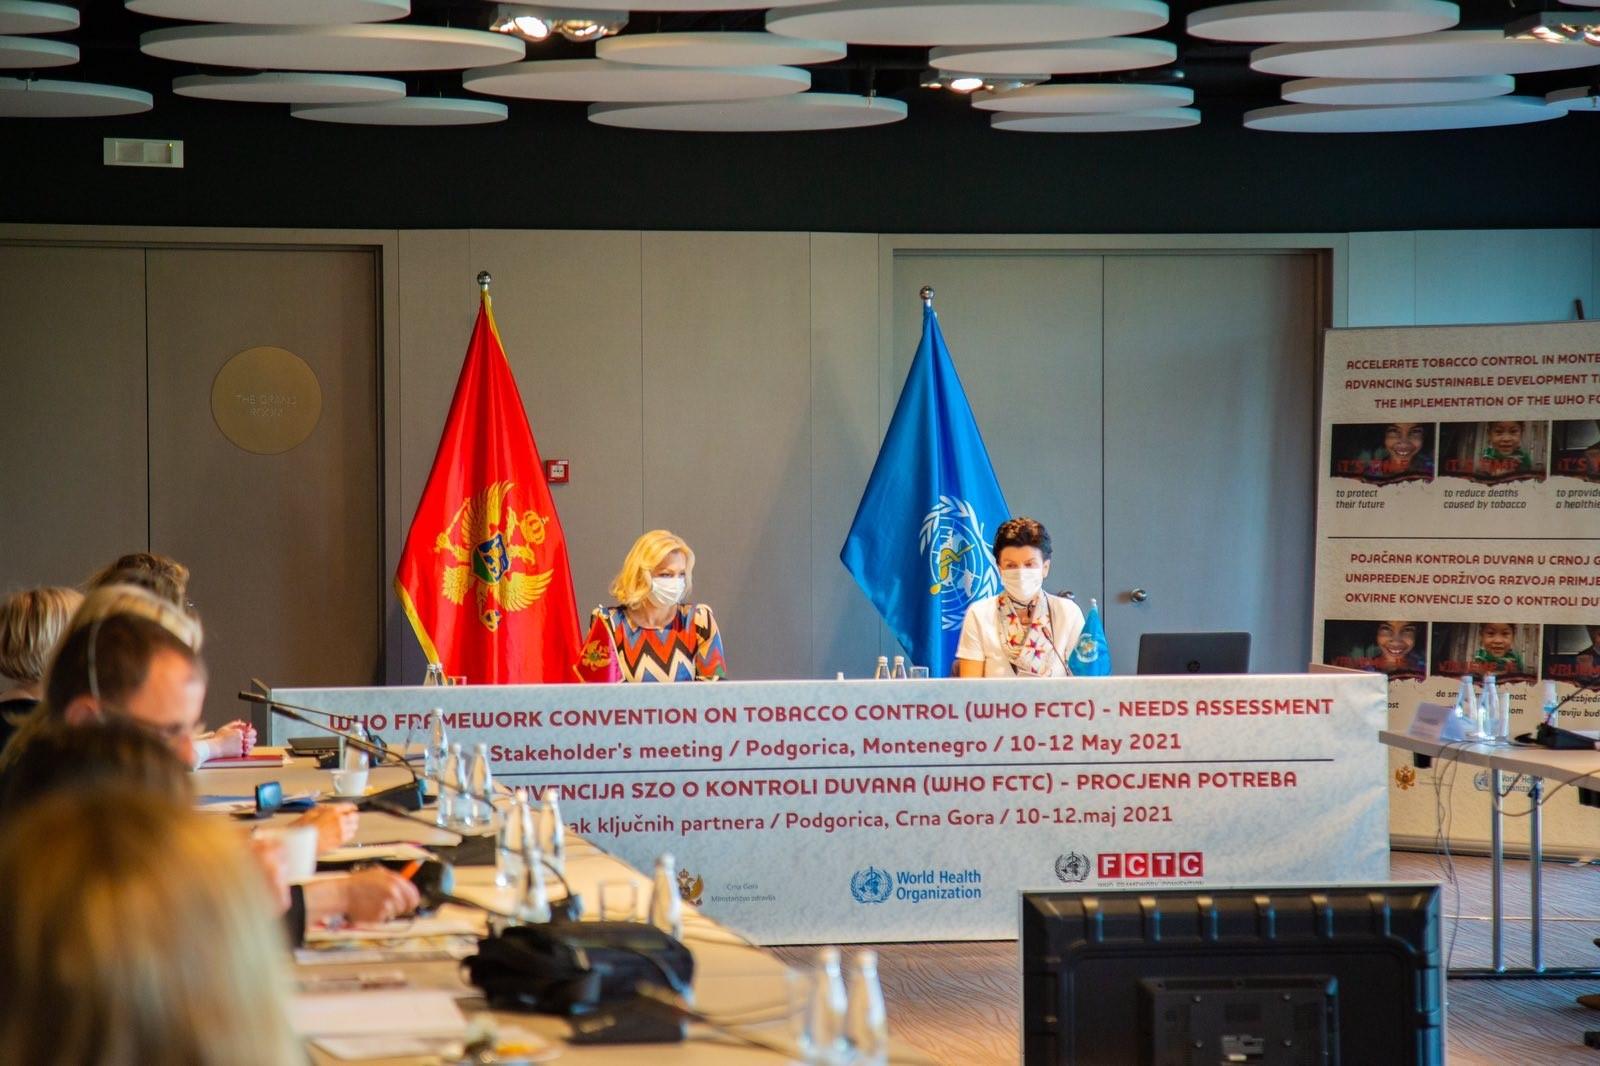 Počele nacionalne multisektorske konsultacije o kontroli upotrebe duvana